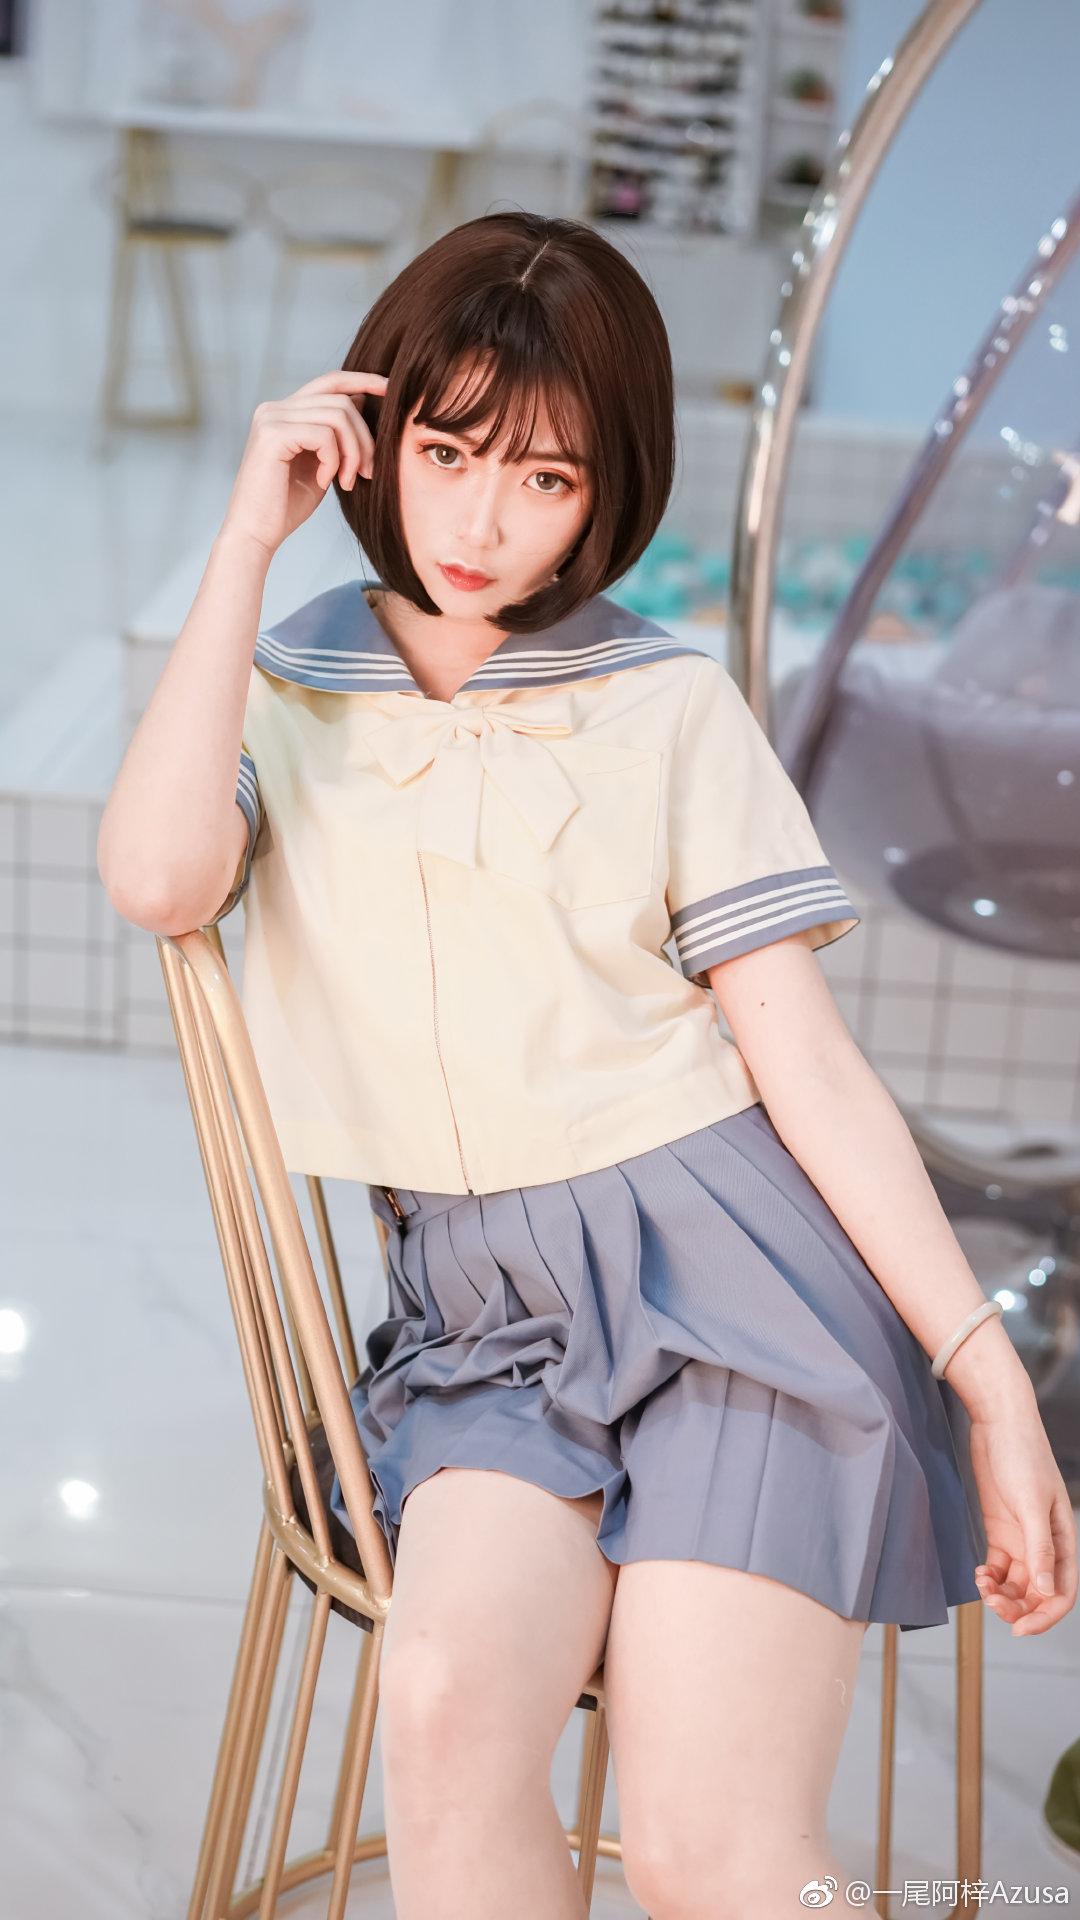 一尾阿梓Azusa微博近期图片收集,好漂亮的制服萌妹子 美女写真-第2张